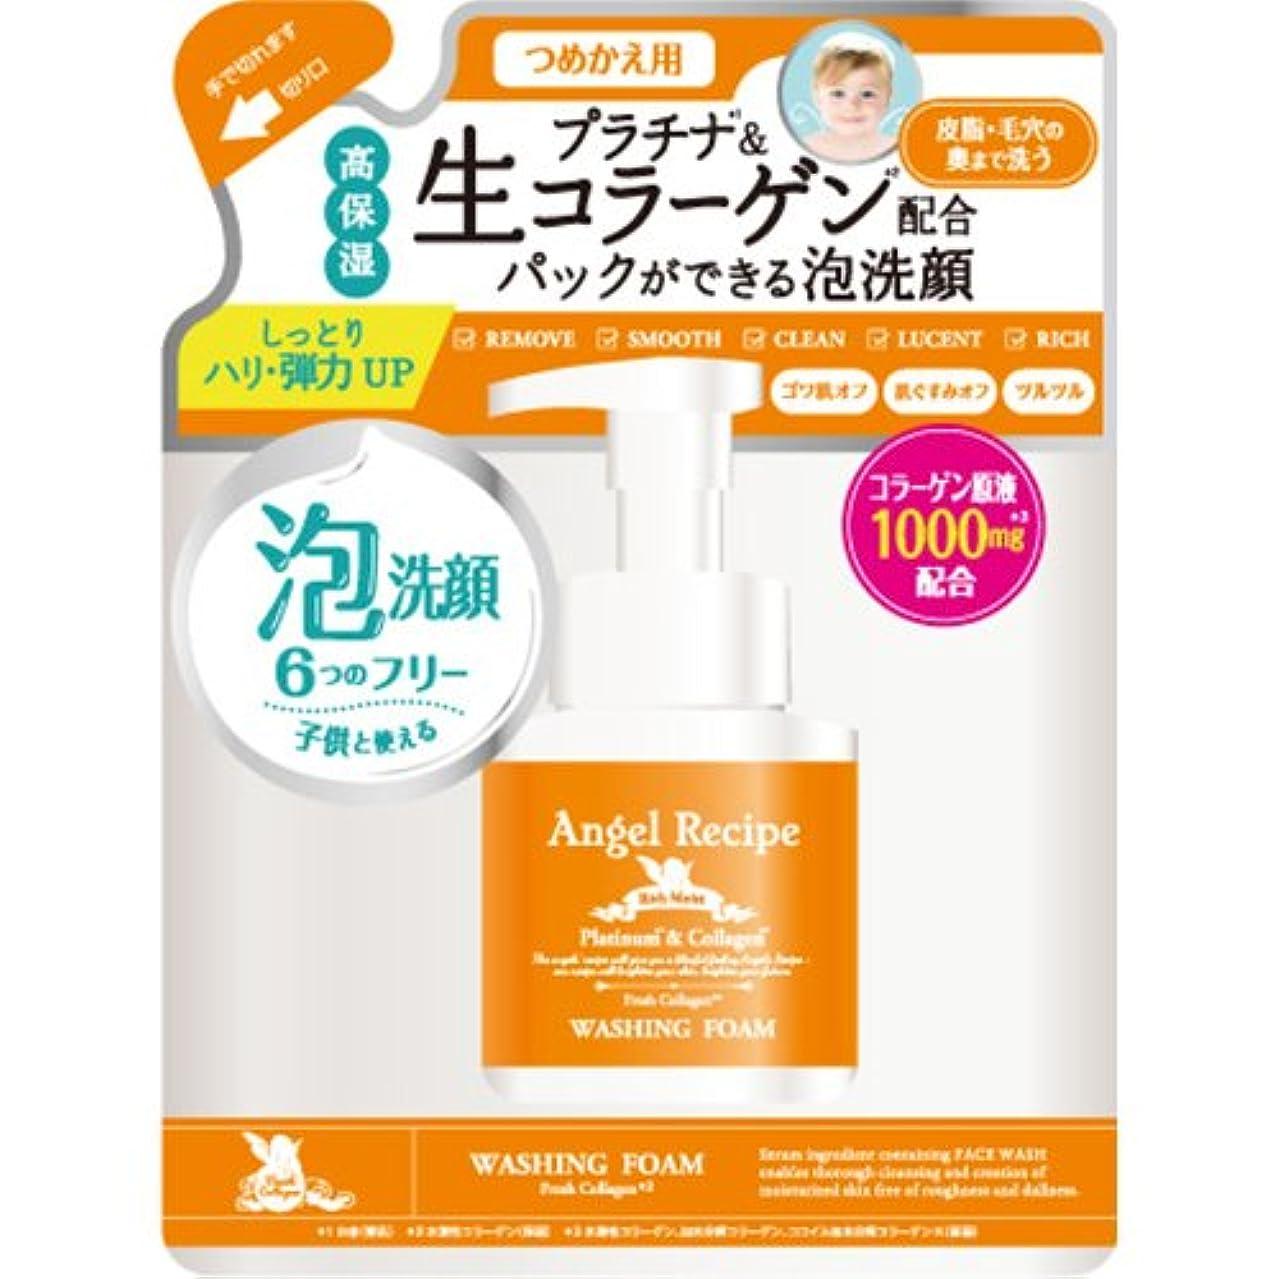 歯科医本物舗装するAngelRecipe エンジェルレシピ リッチモイスト 泡洗顔 詰替え 130ml